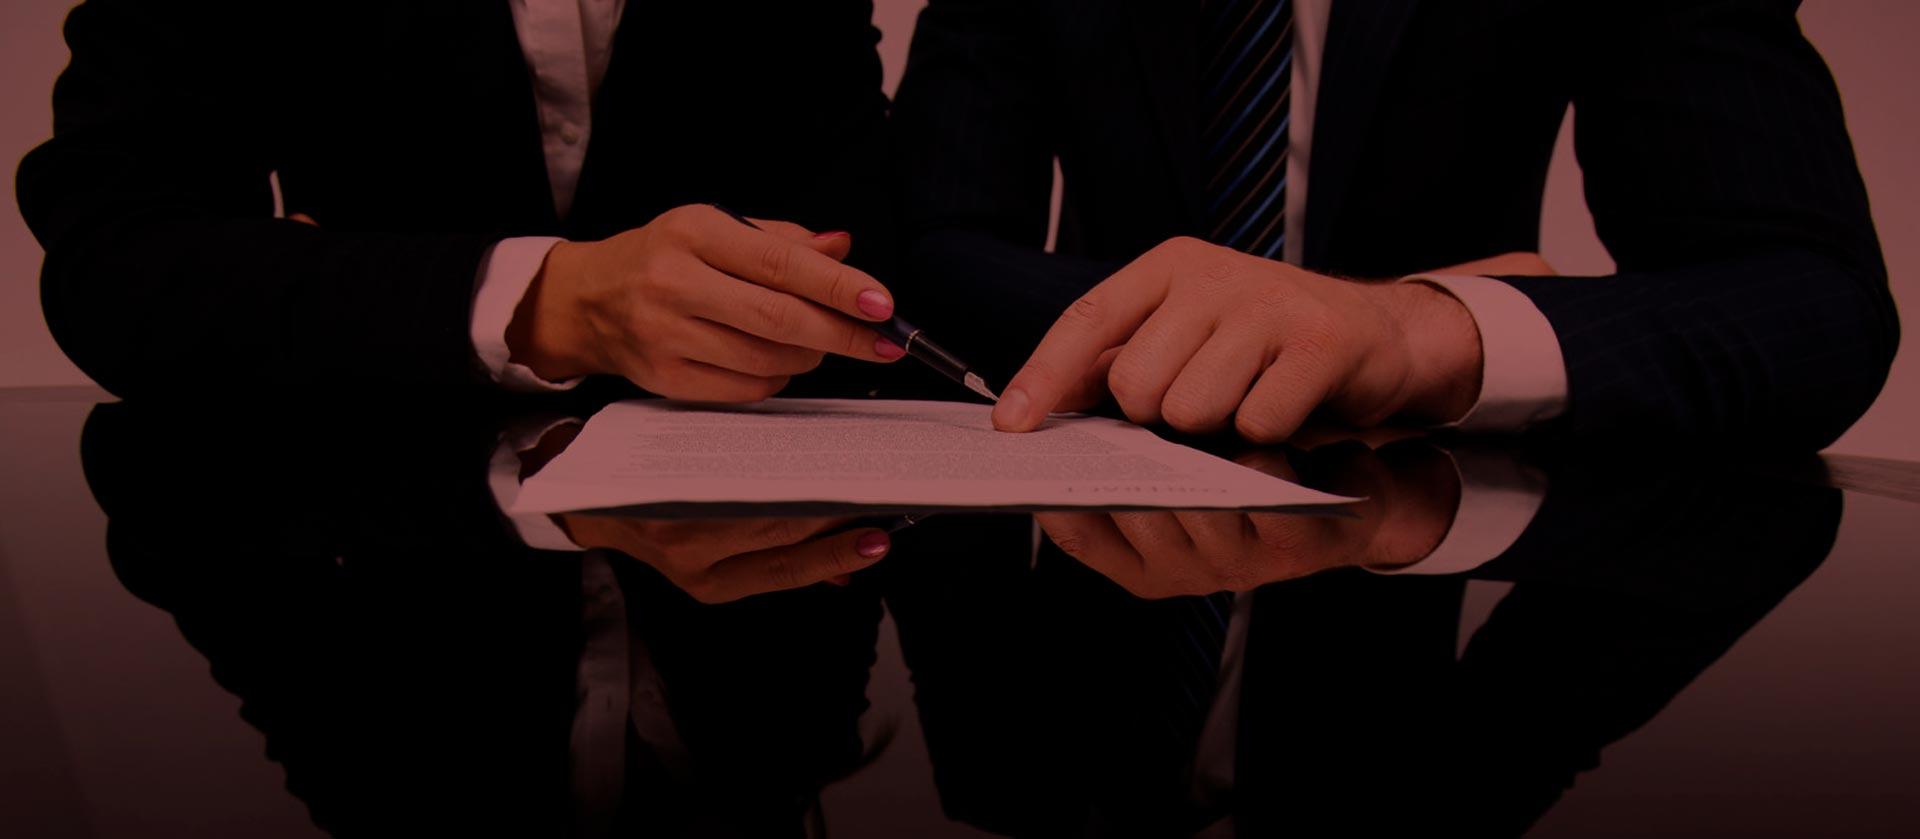 Servicios notariales de calidad